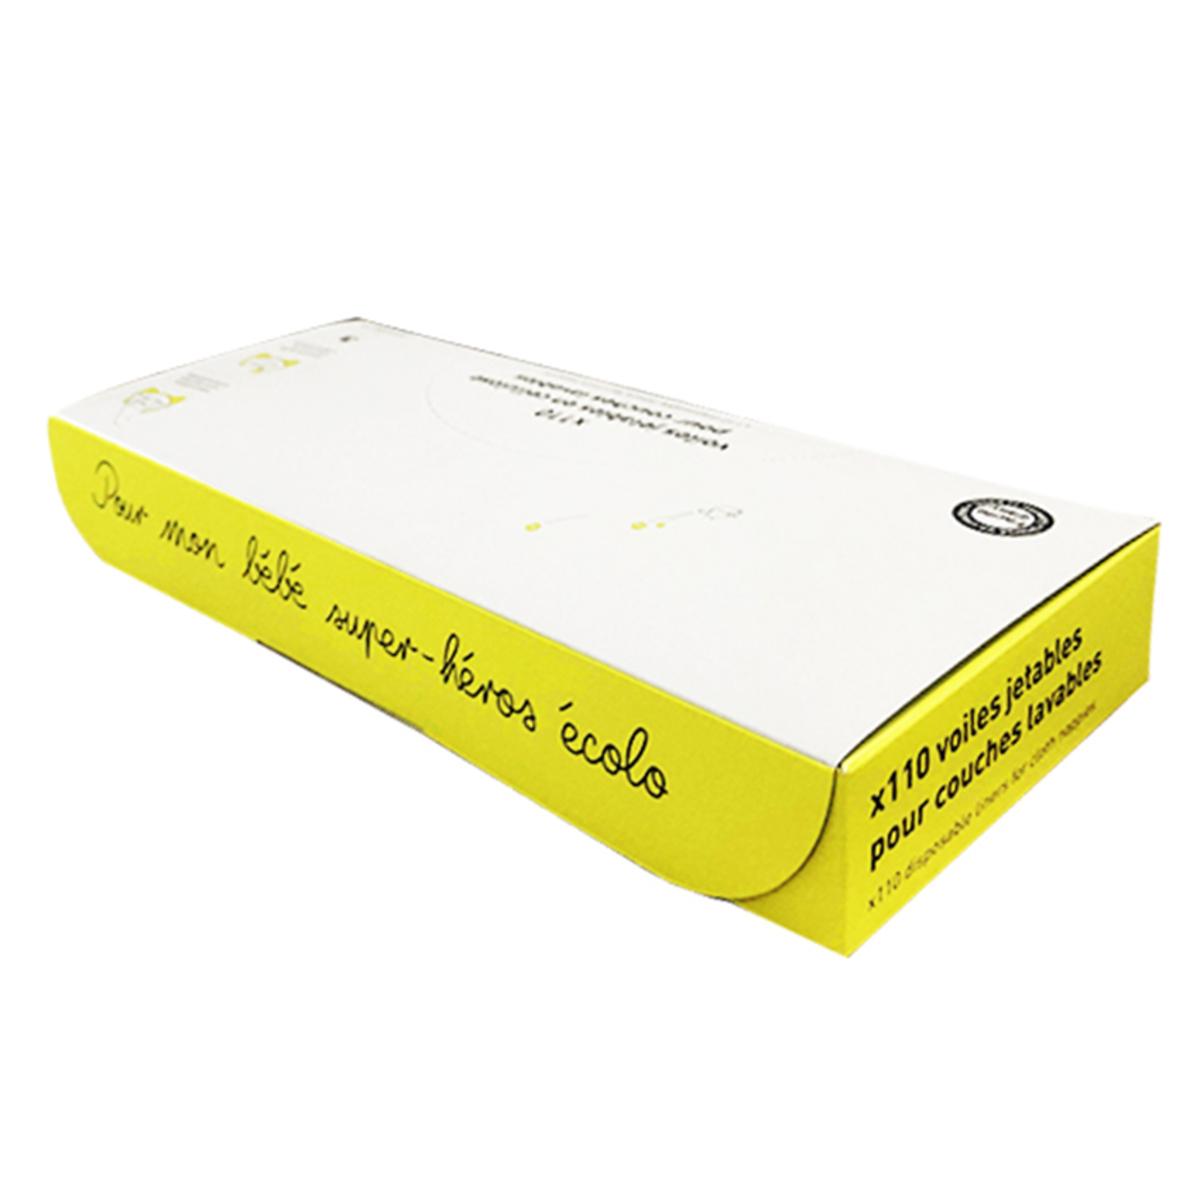 Couche Boîte de 110 Voiles de Protection Boîte de 110 Voiles de Protection